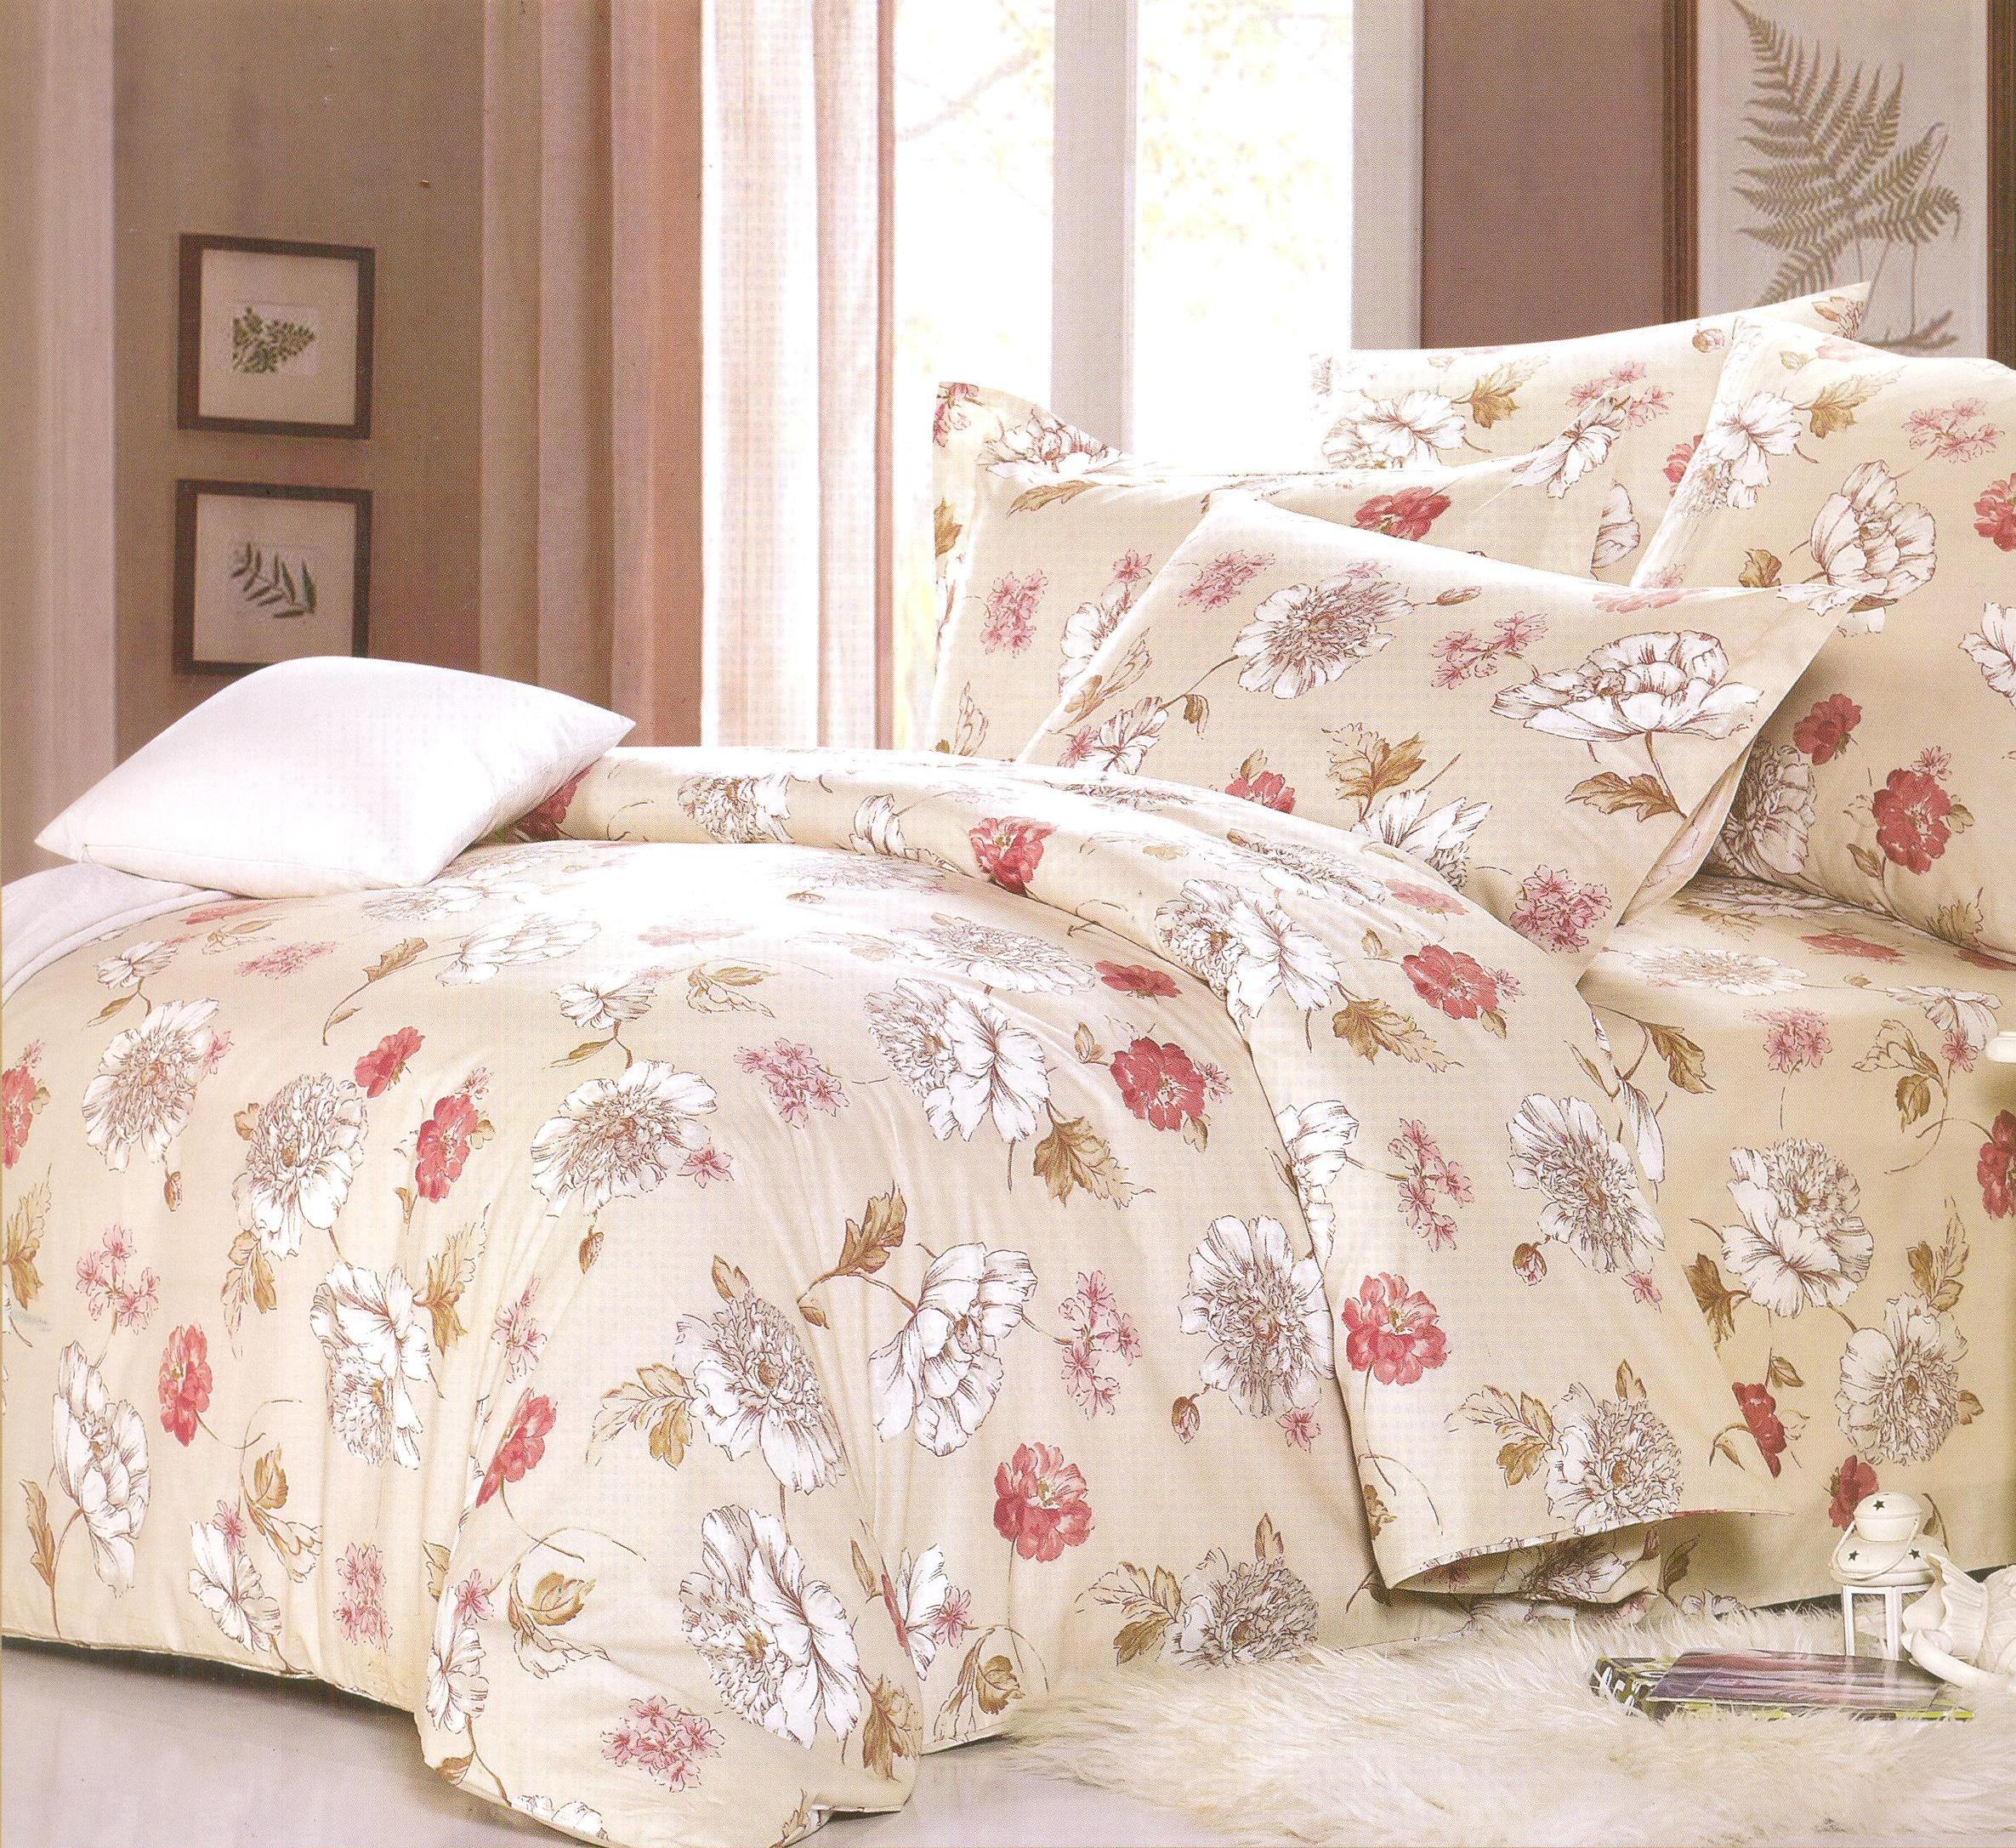 Купить Комплекты постельного белья СайлиД, Постельное белье Liana А/s-159 (2 сп. евро), Китай, Бежевый, Поплин